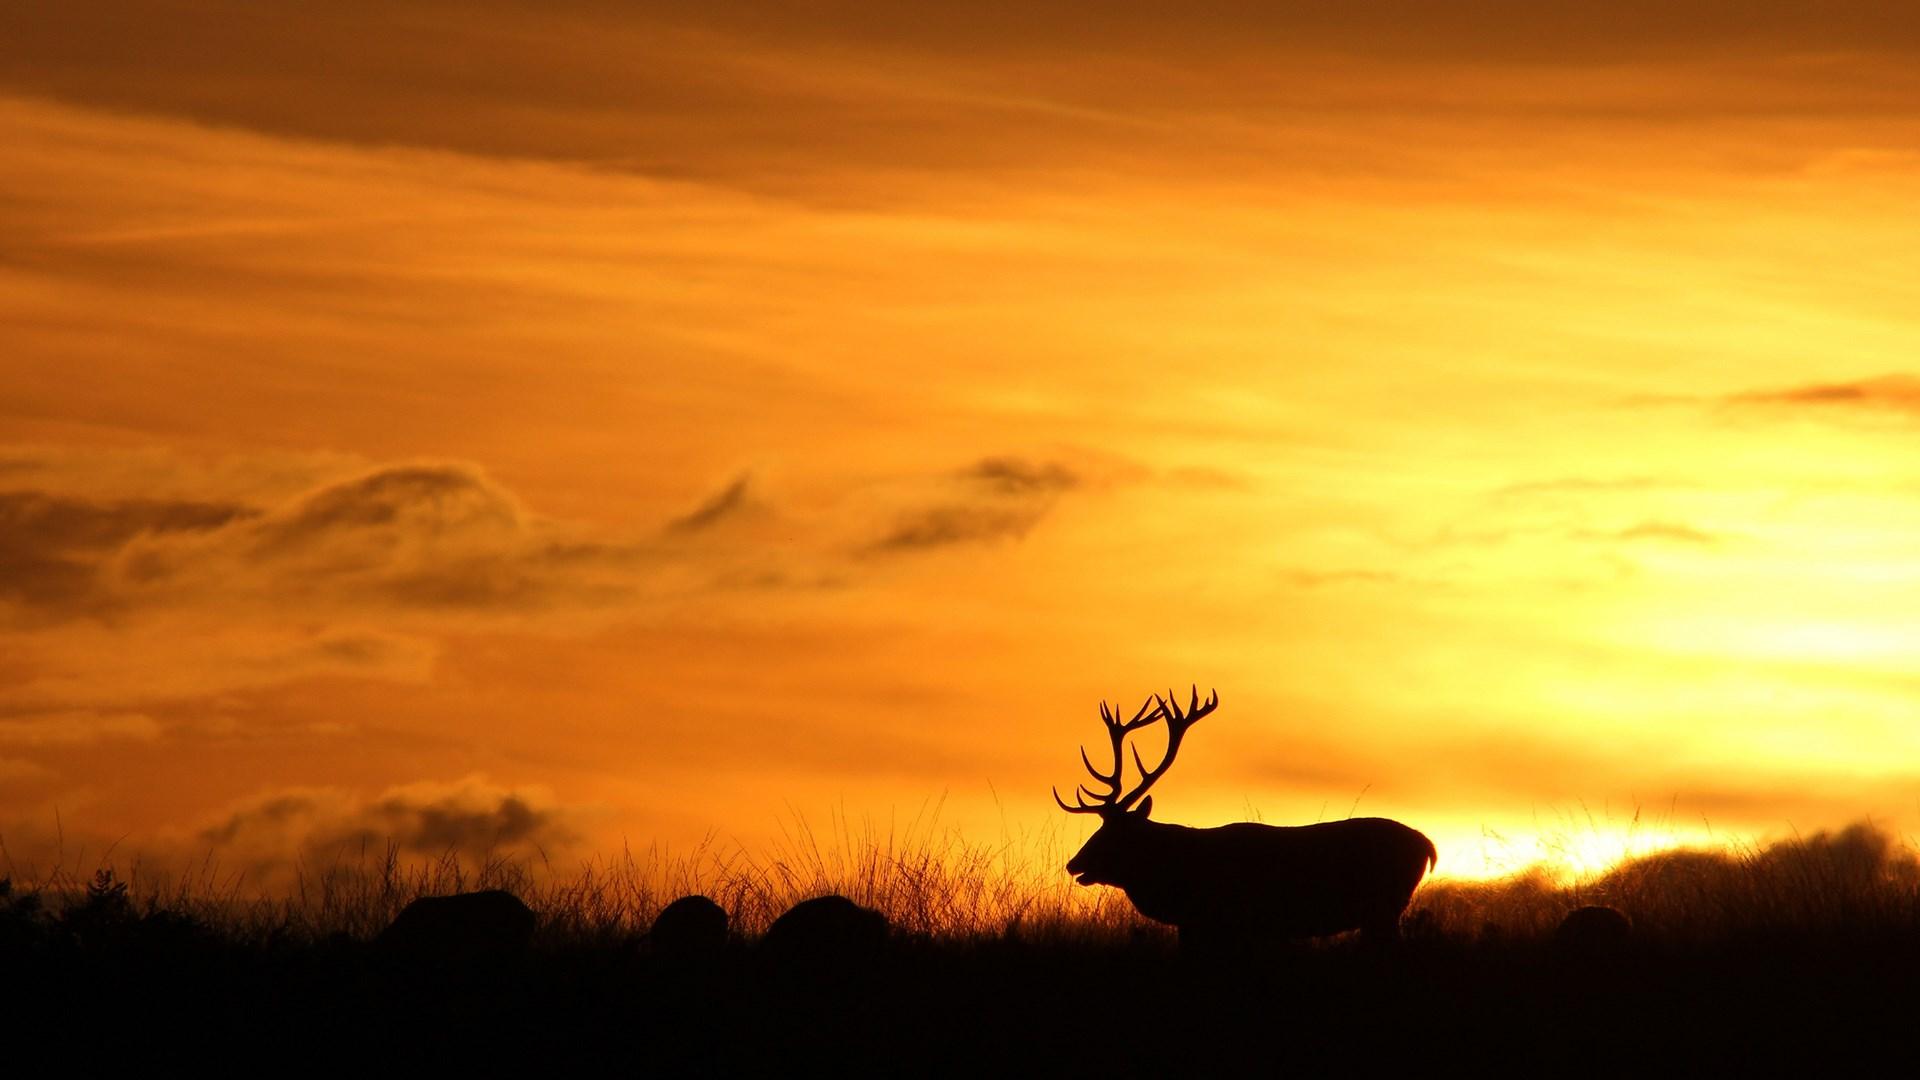 3d Deer Nature Live Wallpaper Deer Wallpaper Hd Desktop Wallpapers 4k Hd